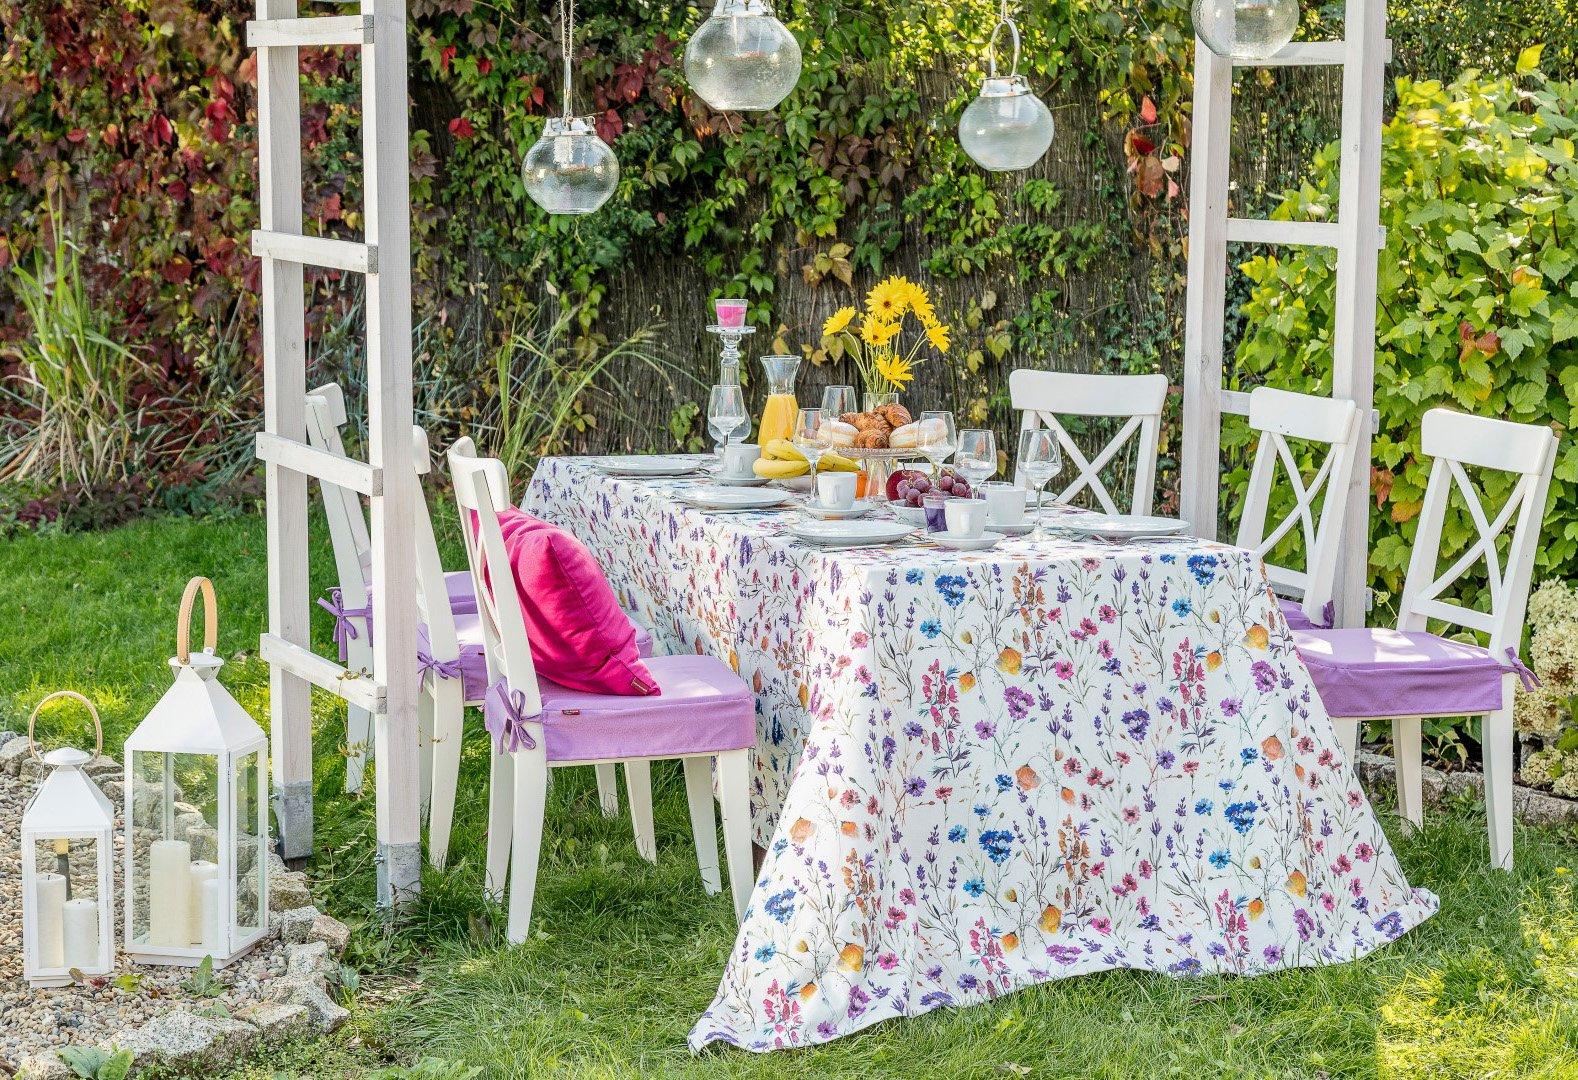 Kolacja w ogrodzie - Flowers